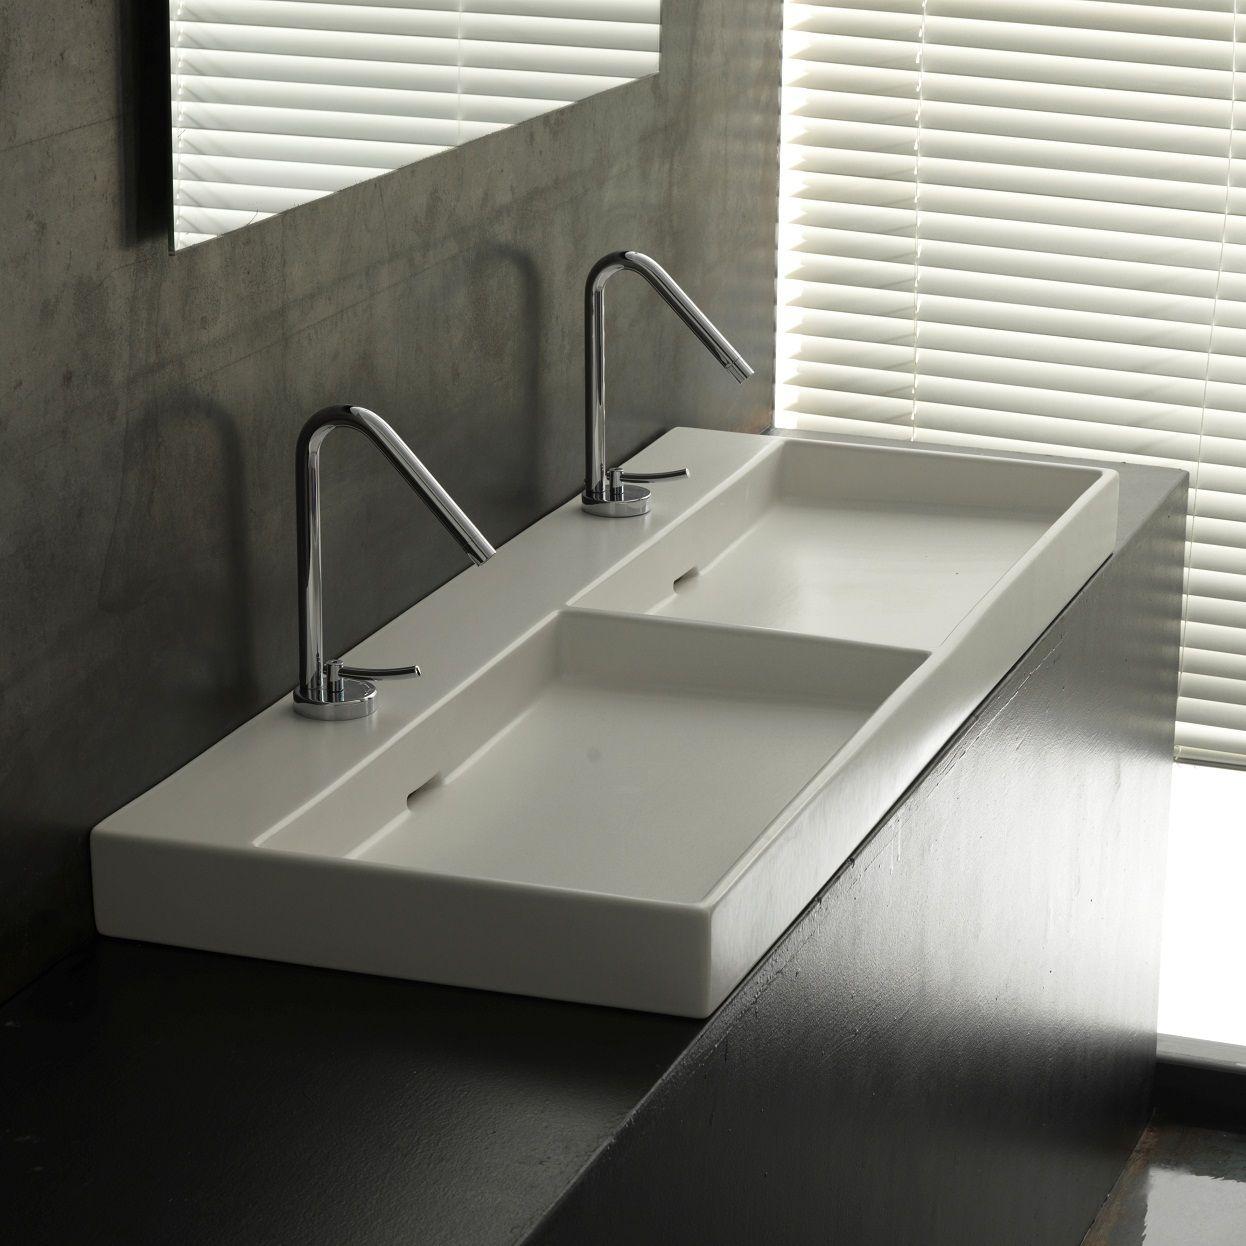 choosing a wide bathroom sink to